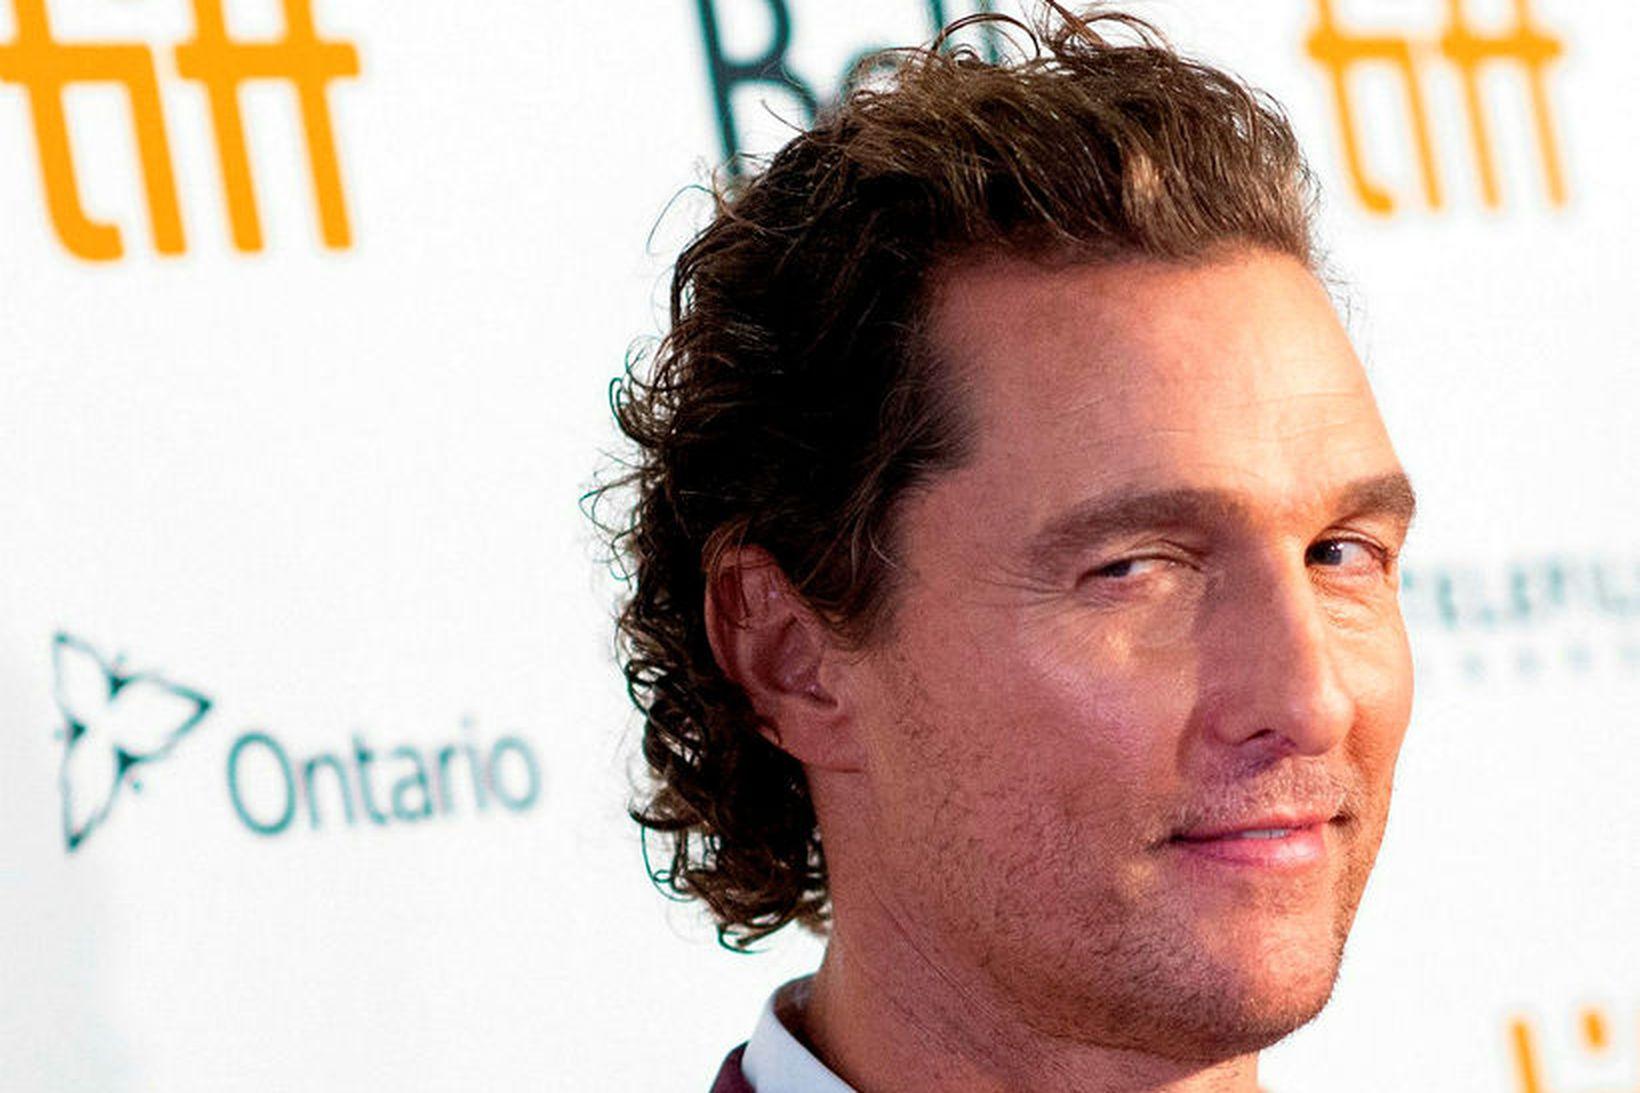 Stórleikarinn Matthew McConaughey er greinilega mikill knattspyrnuáhugamaður ef marka má …